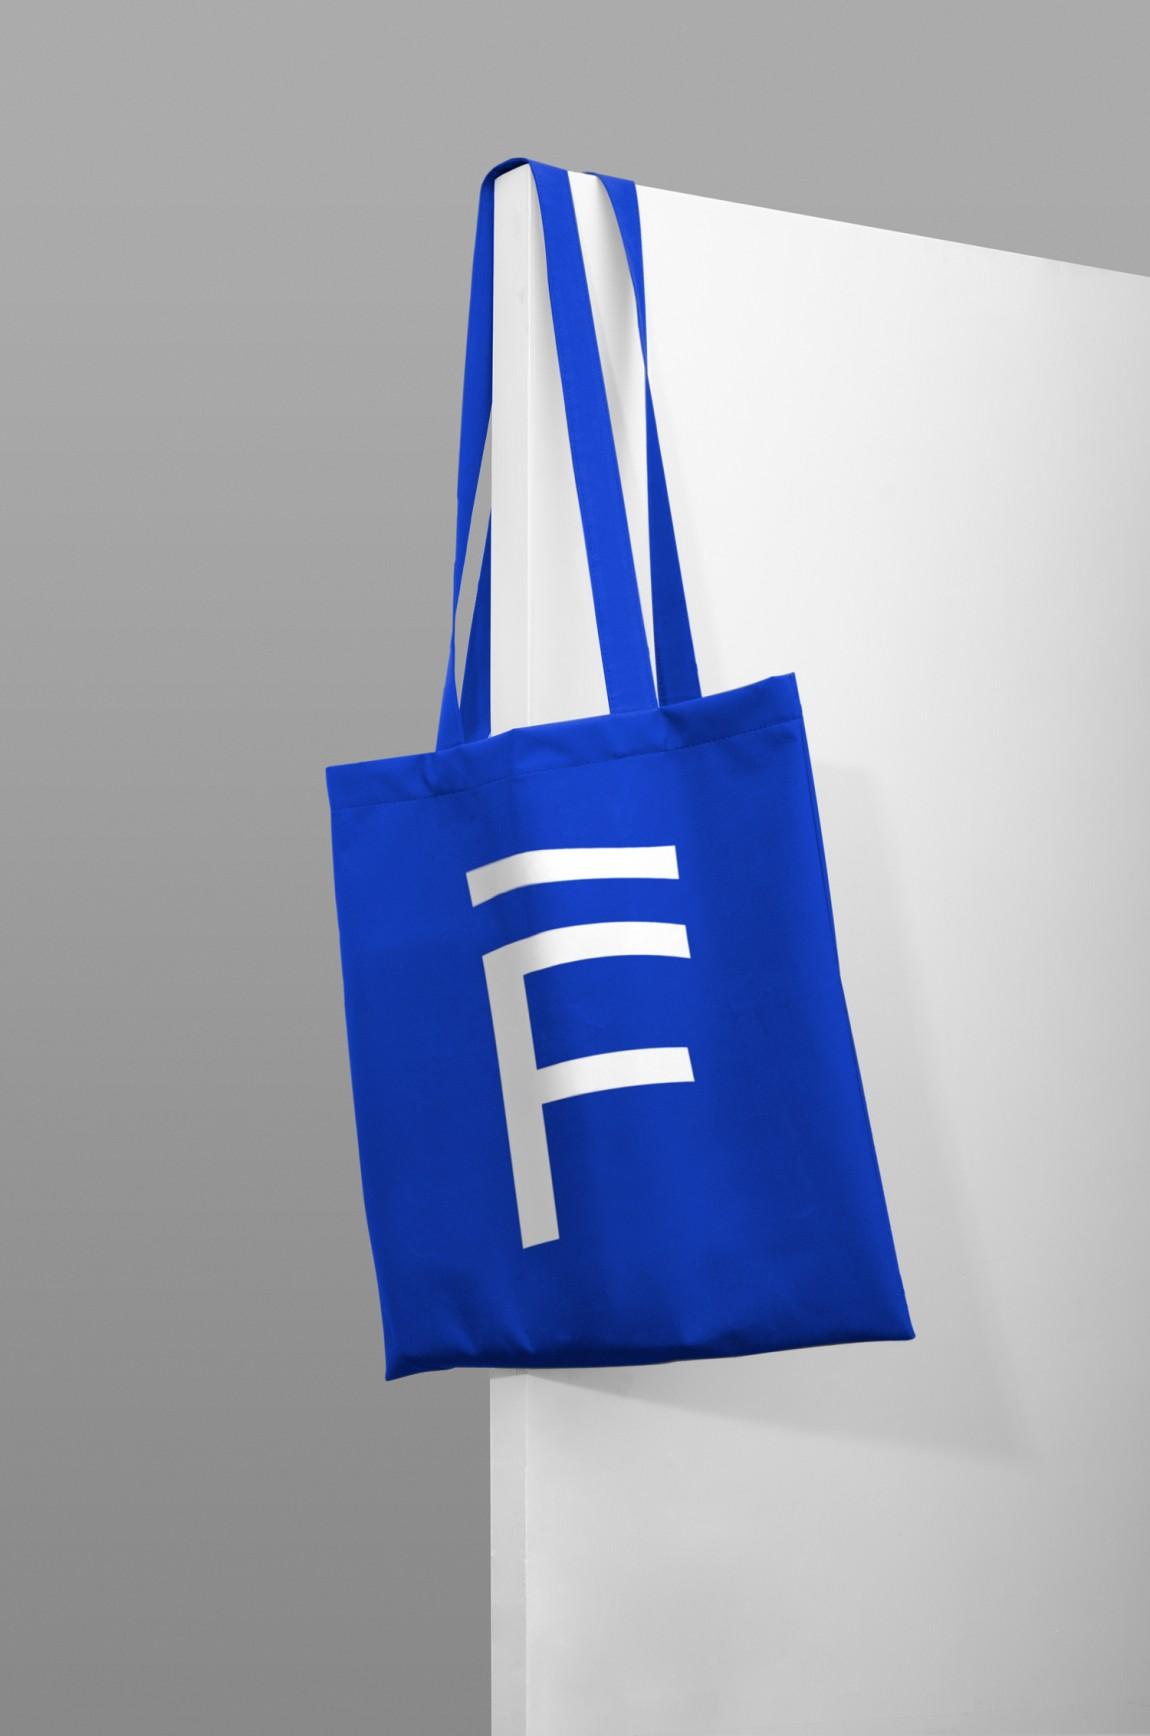 Fathom 企业品牌形象设计, 手提袋设计